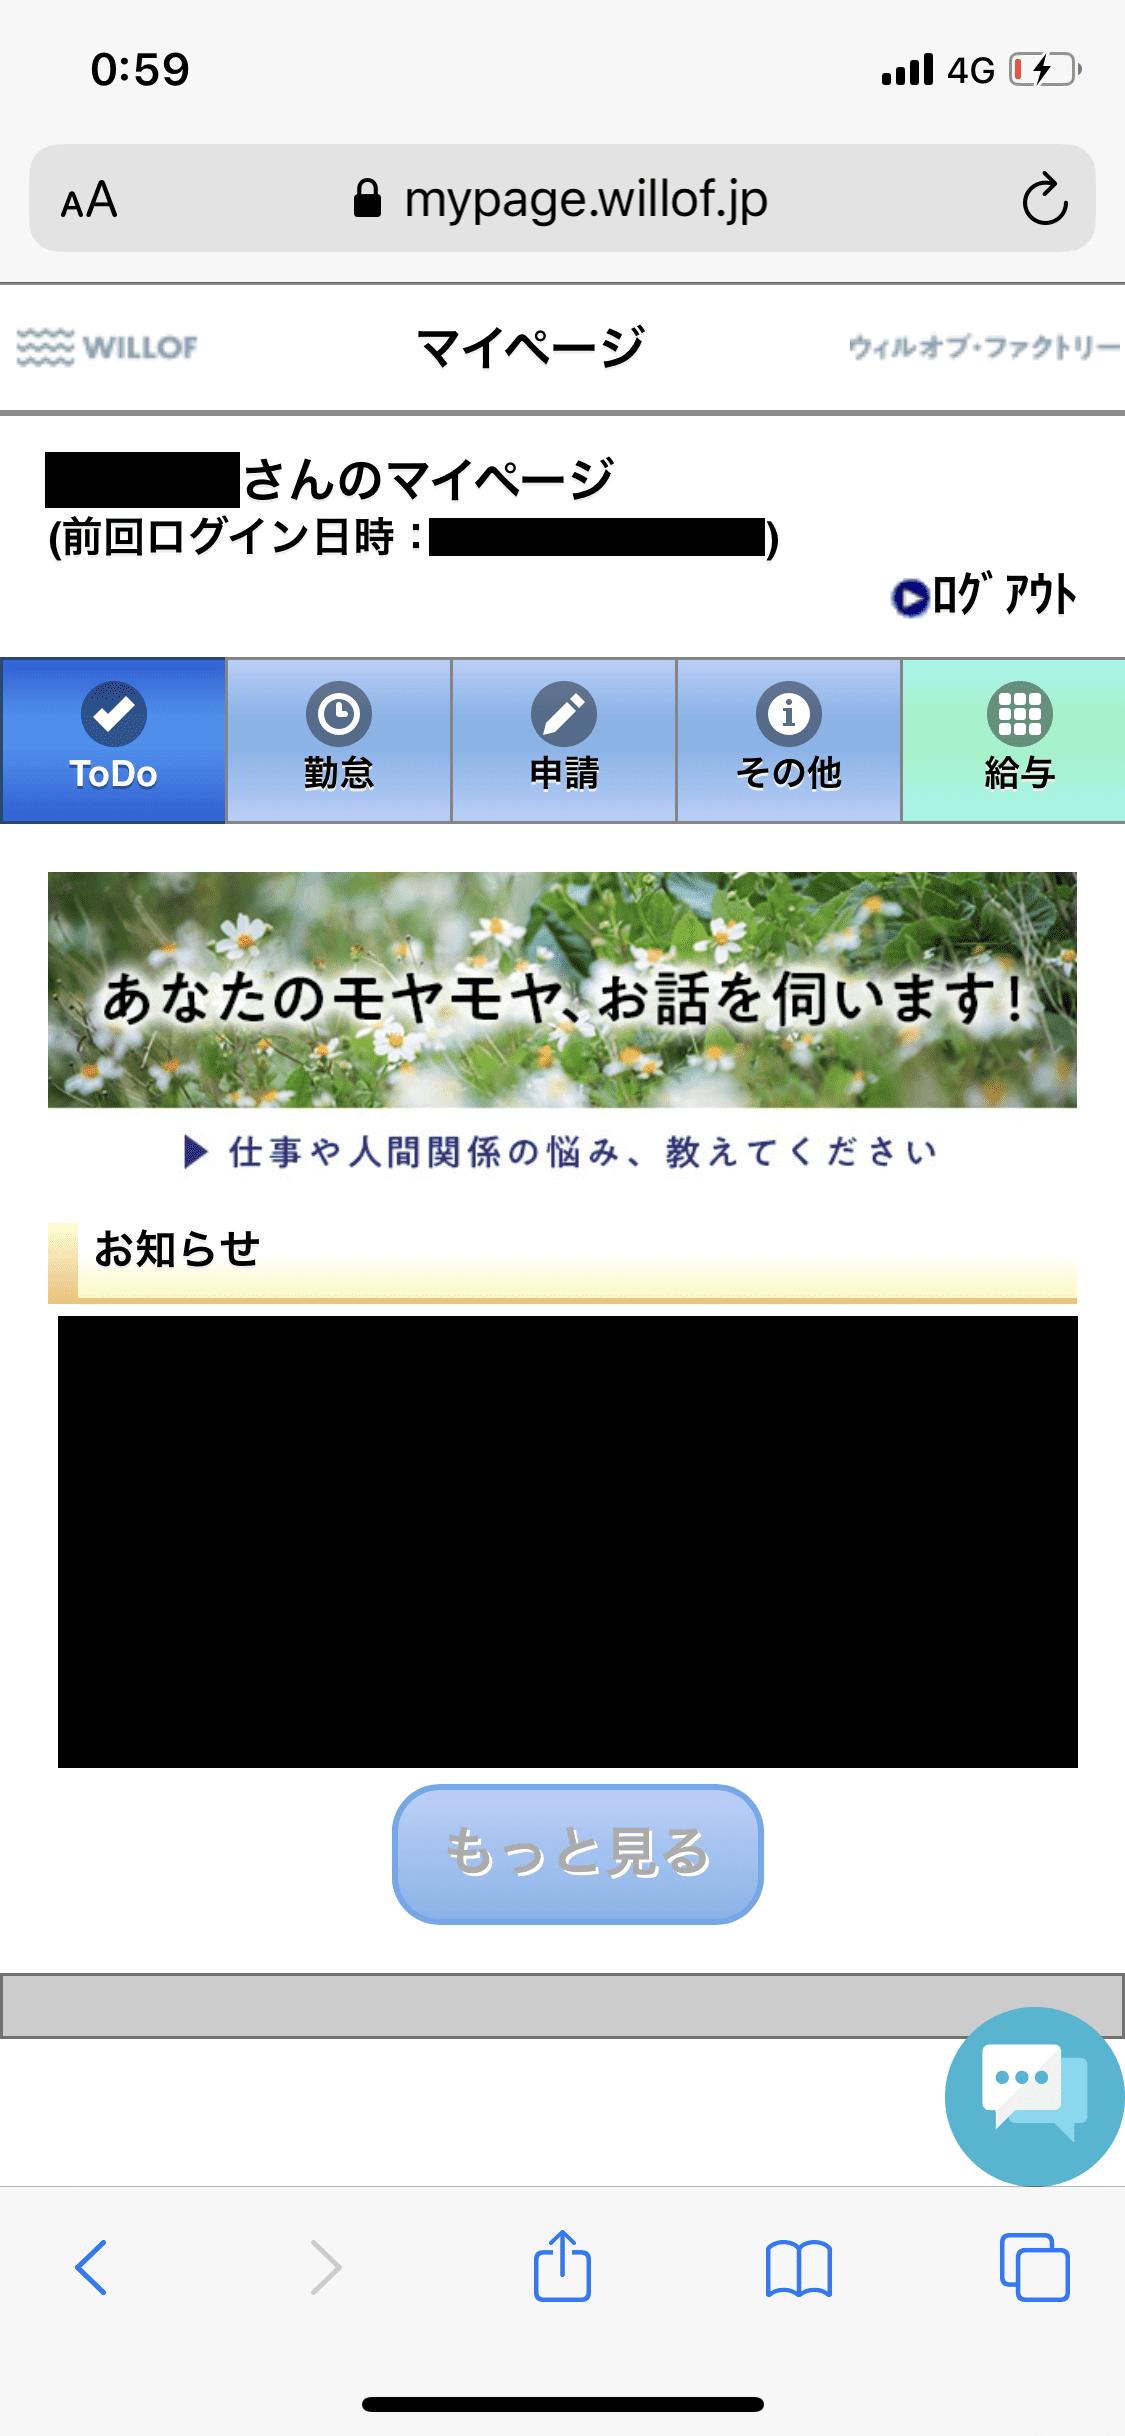 ウィルオブ・ファクトリー WEB登録